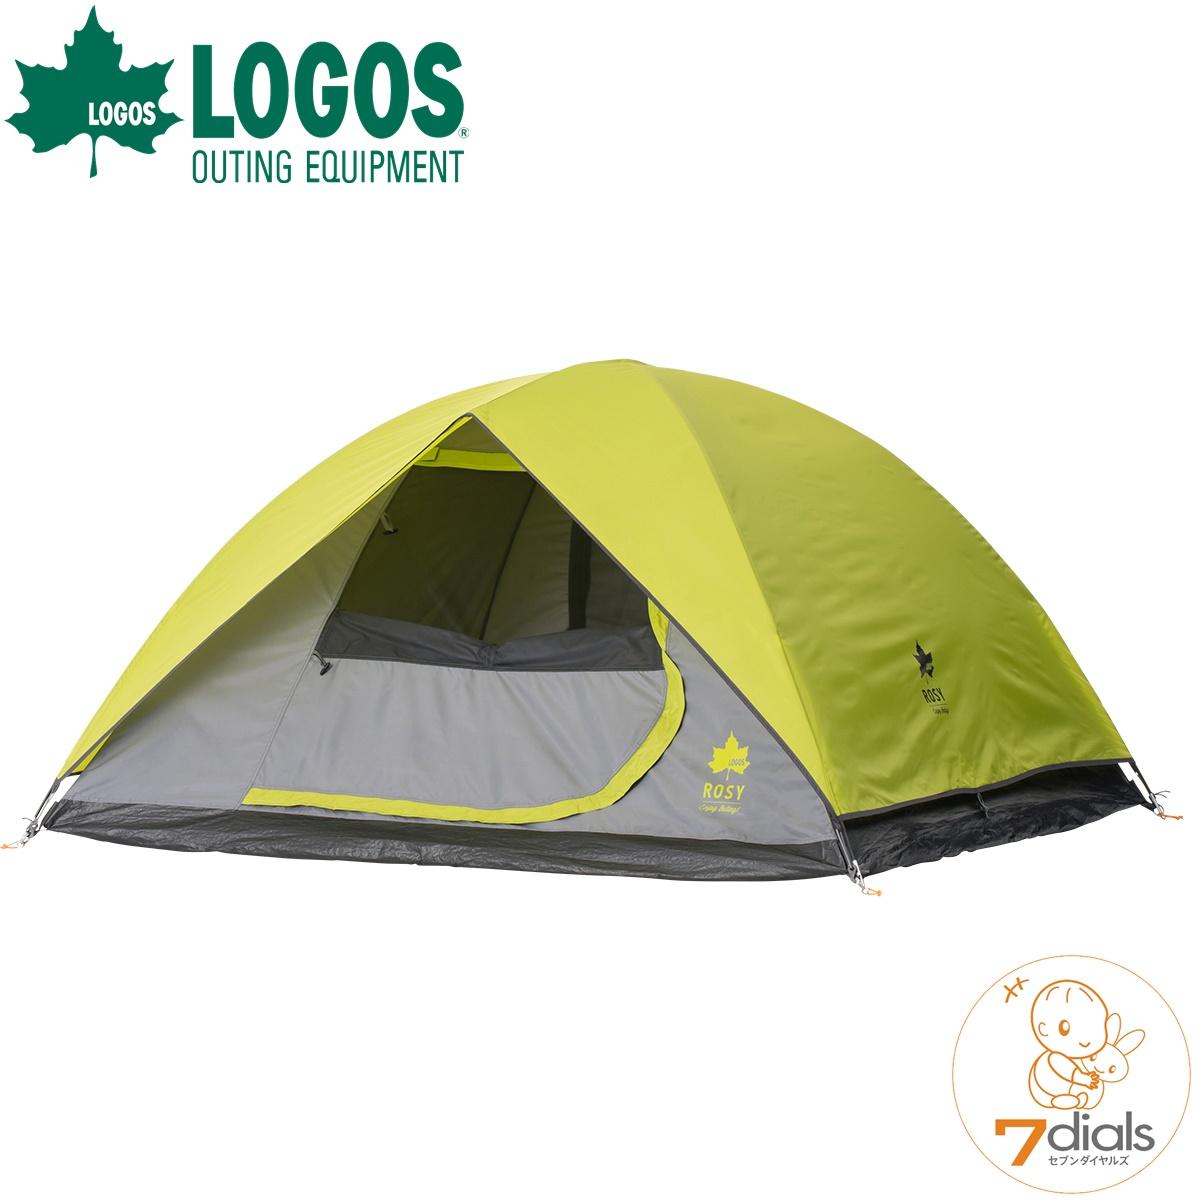 LOGOS/ロゴス ROSY i-Link サンドーム M 持ち運びと組み立て簡単な3人用テント【送料無料】